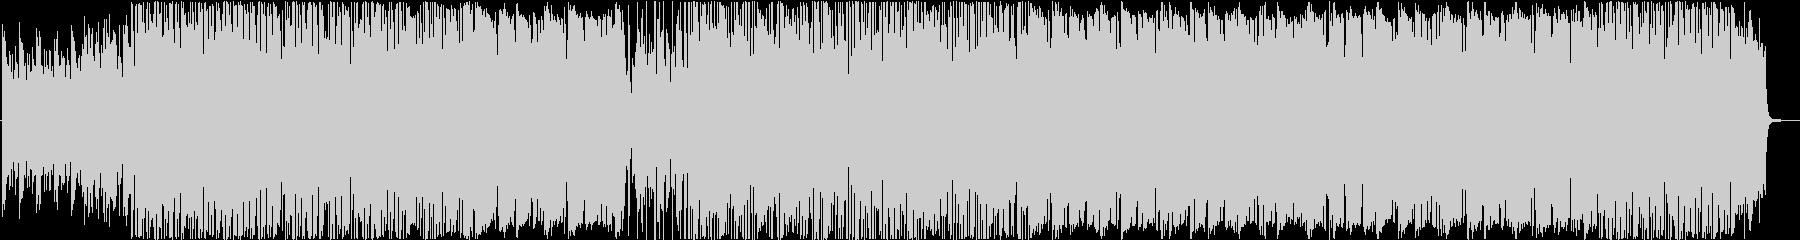 ミディアムテンポのフュージョンの未再生の波形